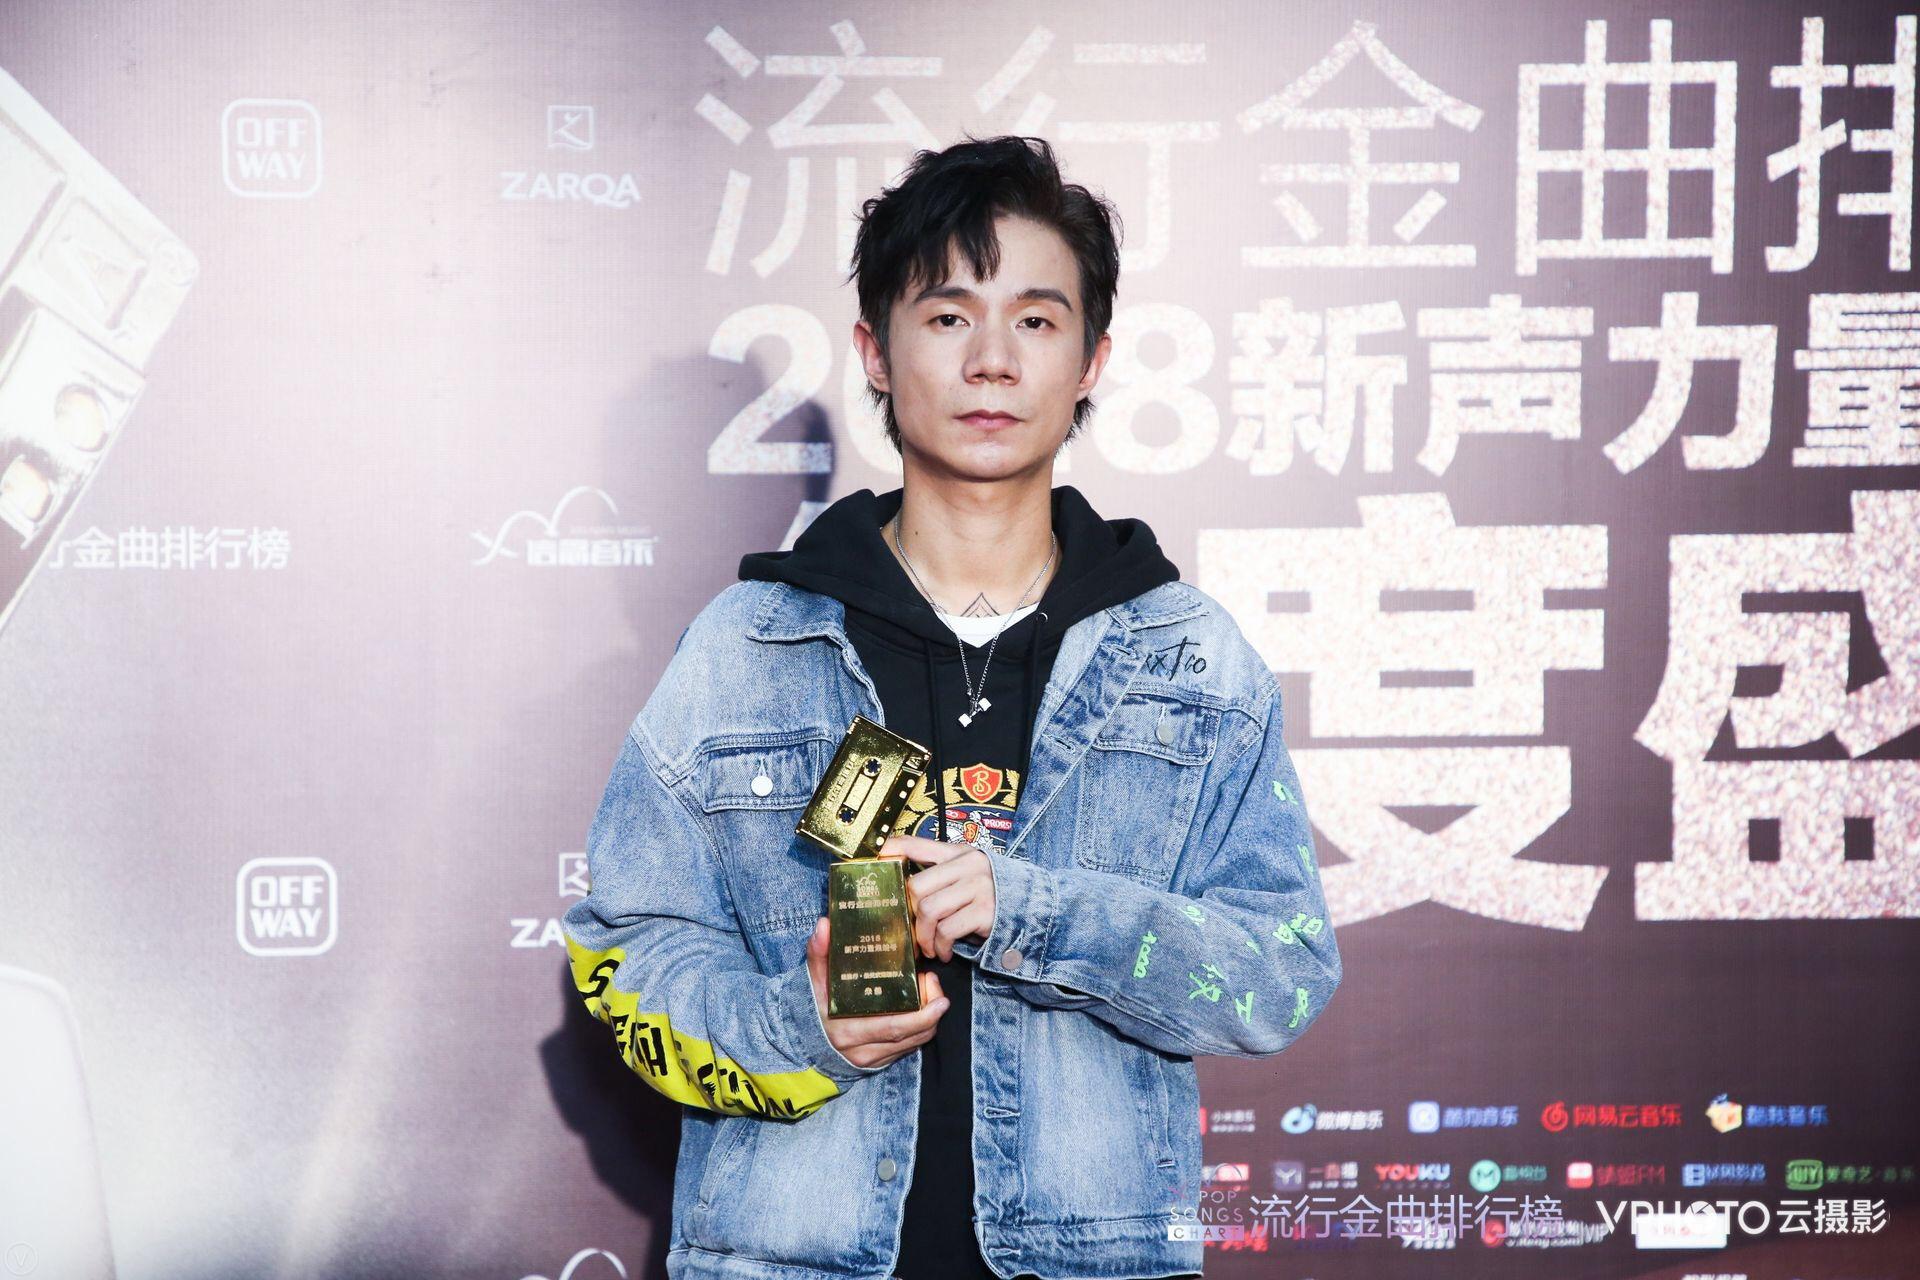 最受欢迎歌曲排行榜_大张伟获最受欢迎男歌手音乐新计划备受关注